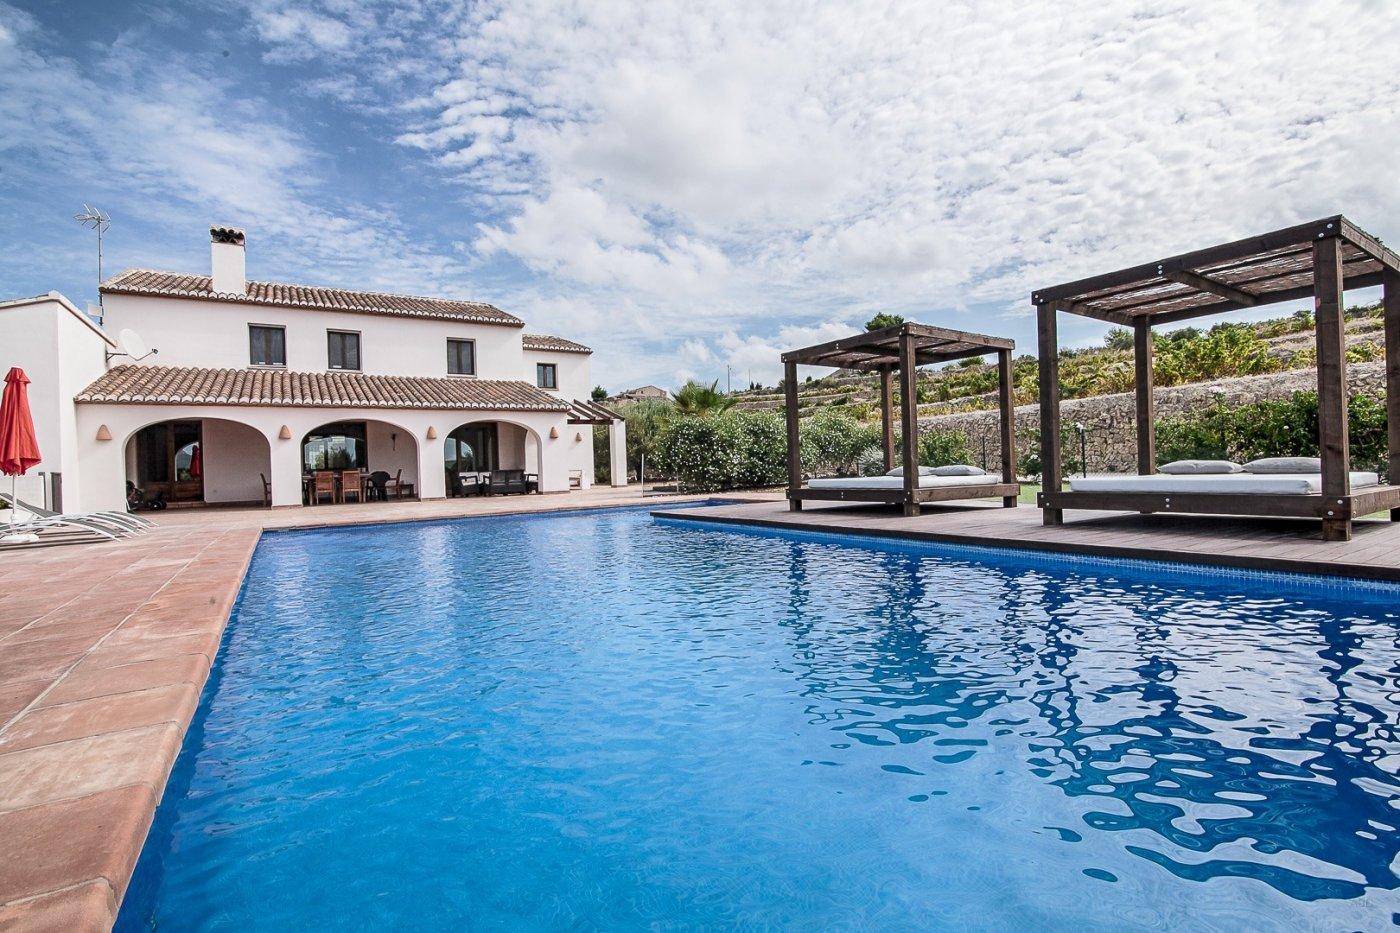 Inmobiliaria en Altea - Propiedades en venta Altea - finca-rustica - campo